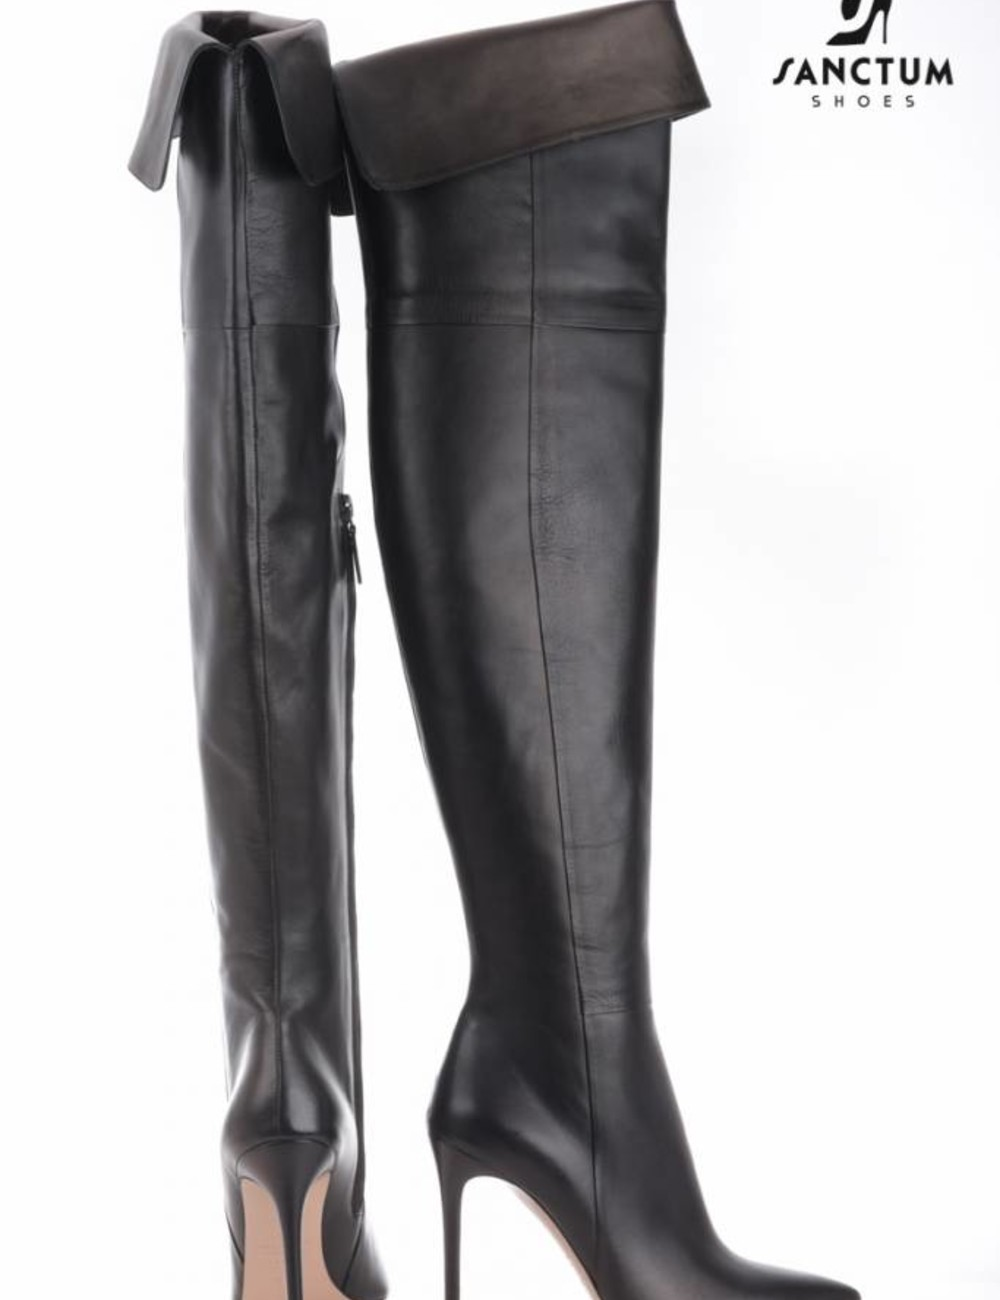 Sanctum  Lange hoge laarzen met dunne hakken